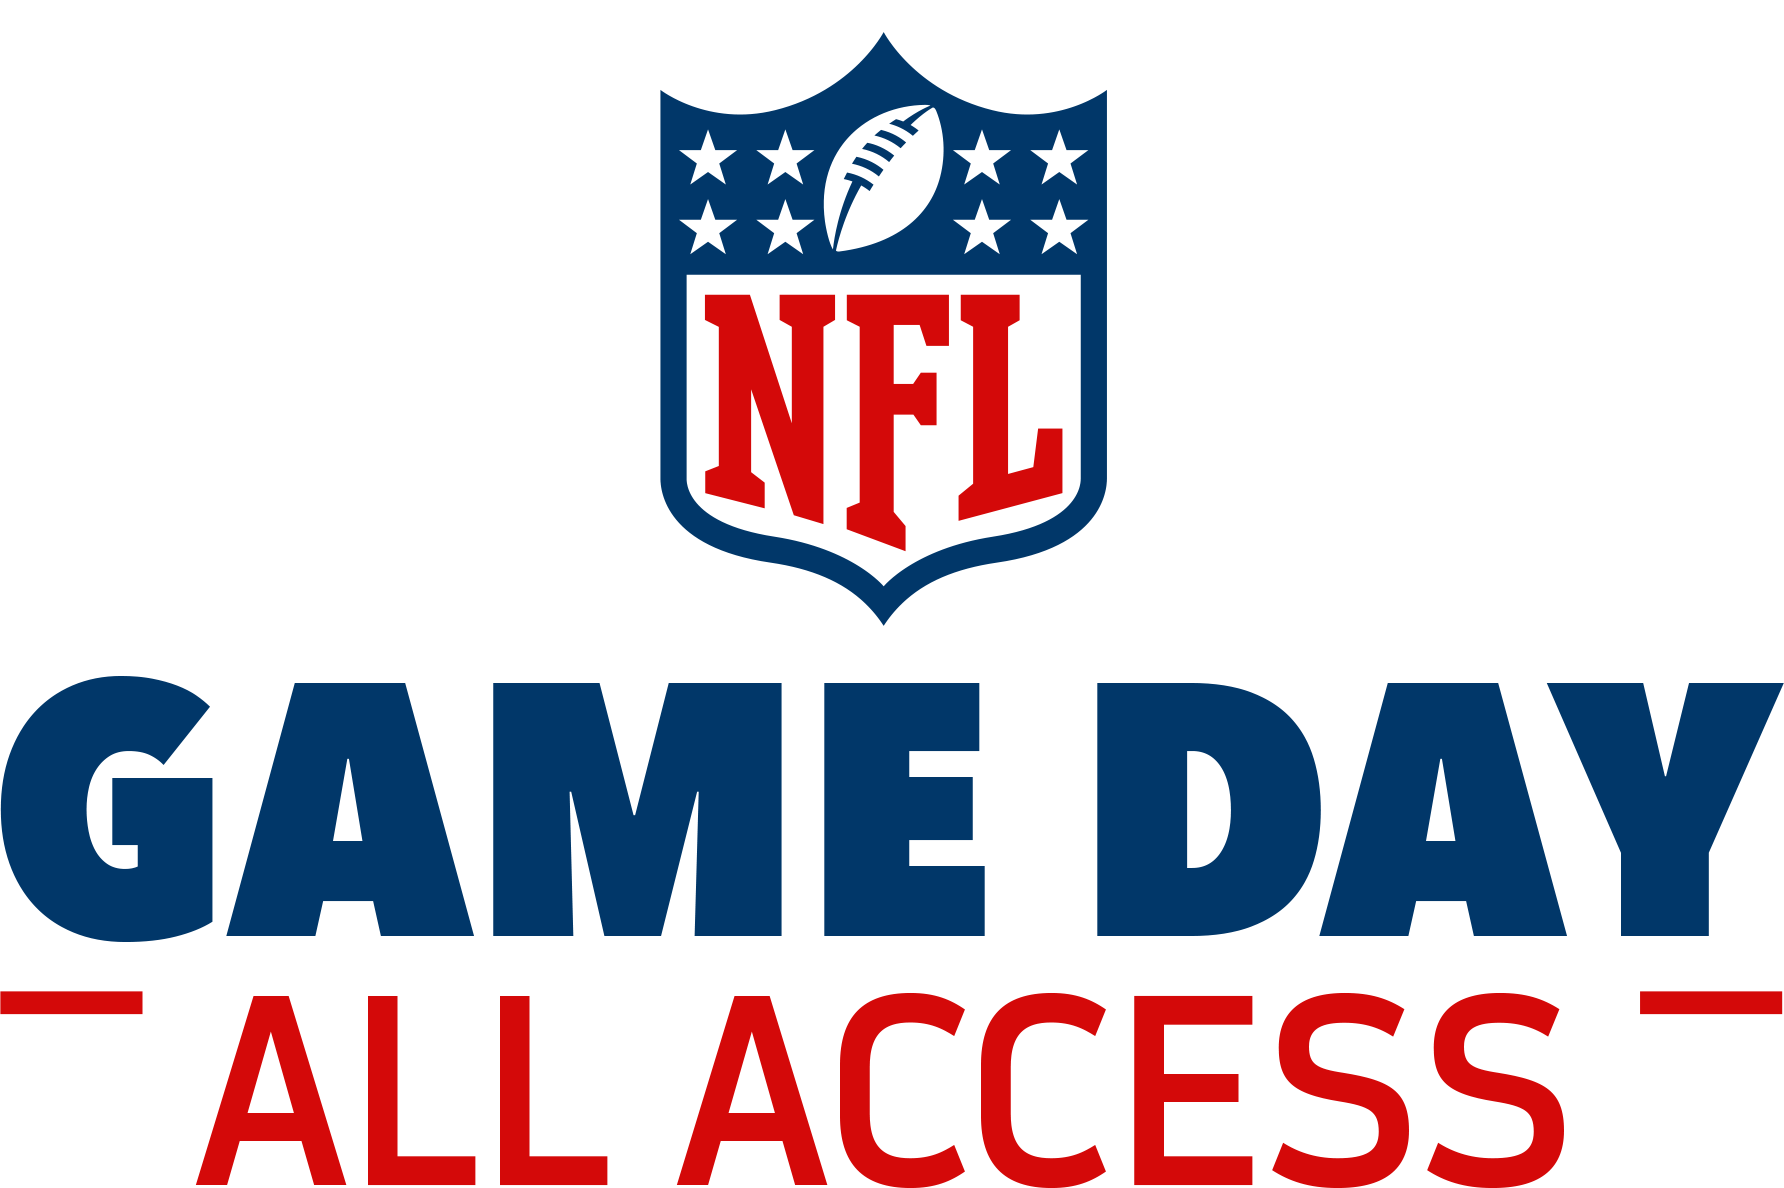 NFL_GameDayAccessLogo.png